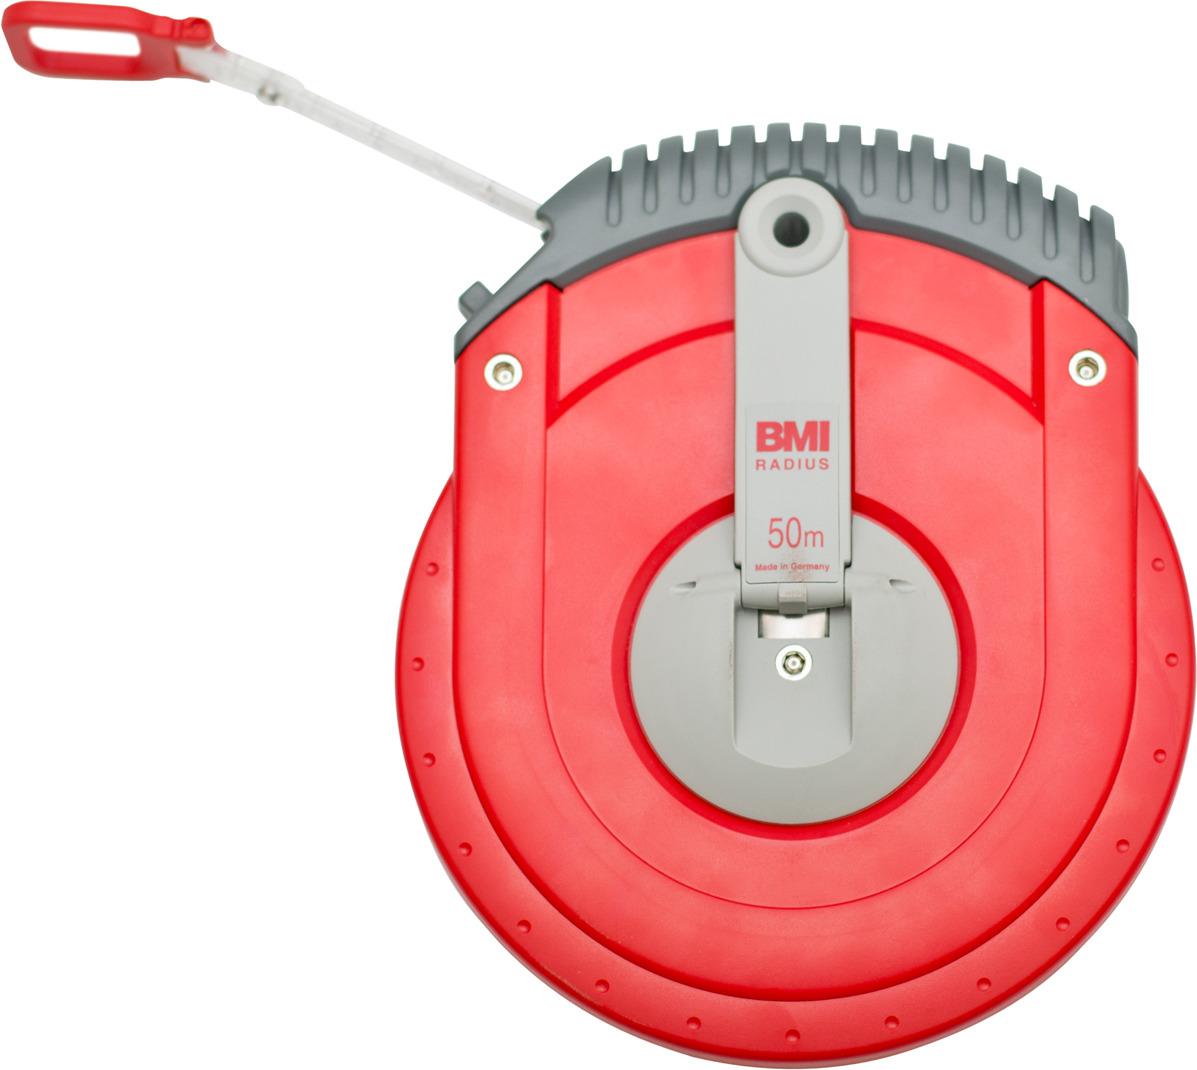 Измерительная рулетка BMI Radius, 501234050BF, 50 м501234050BFТип ленты: Стальная крашенная лента, длина: 50м, тип корпуса: закрытый